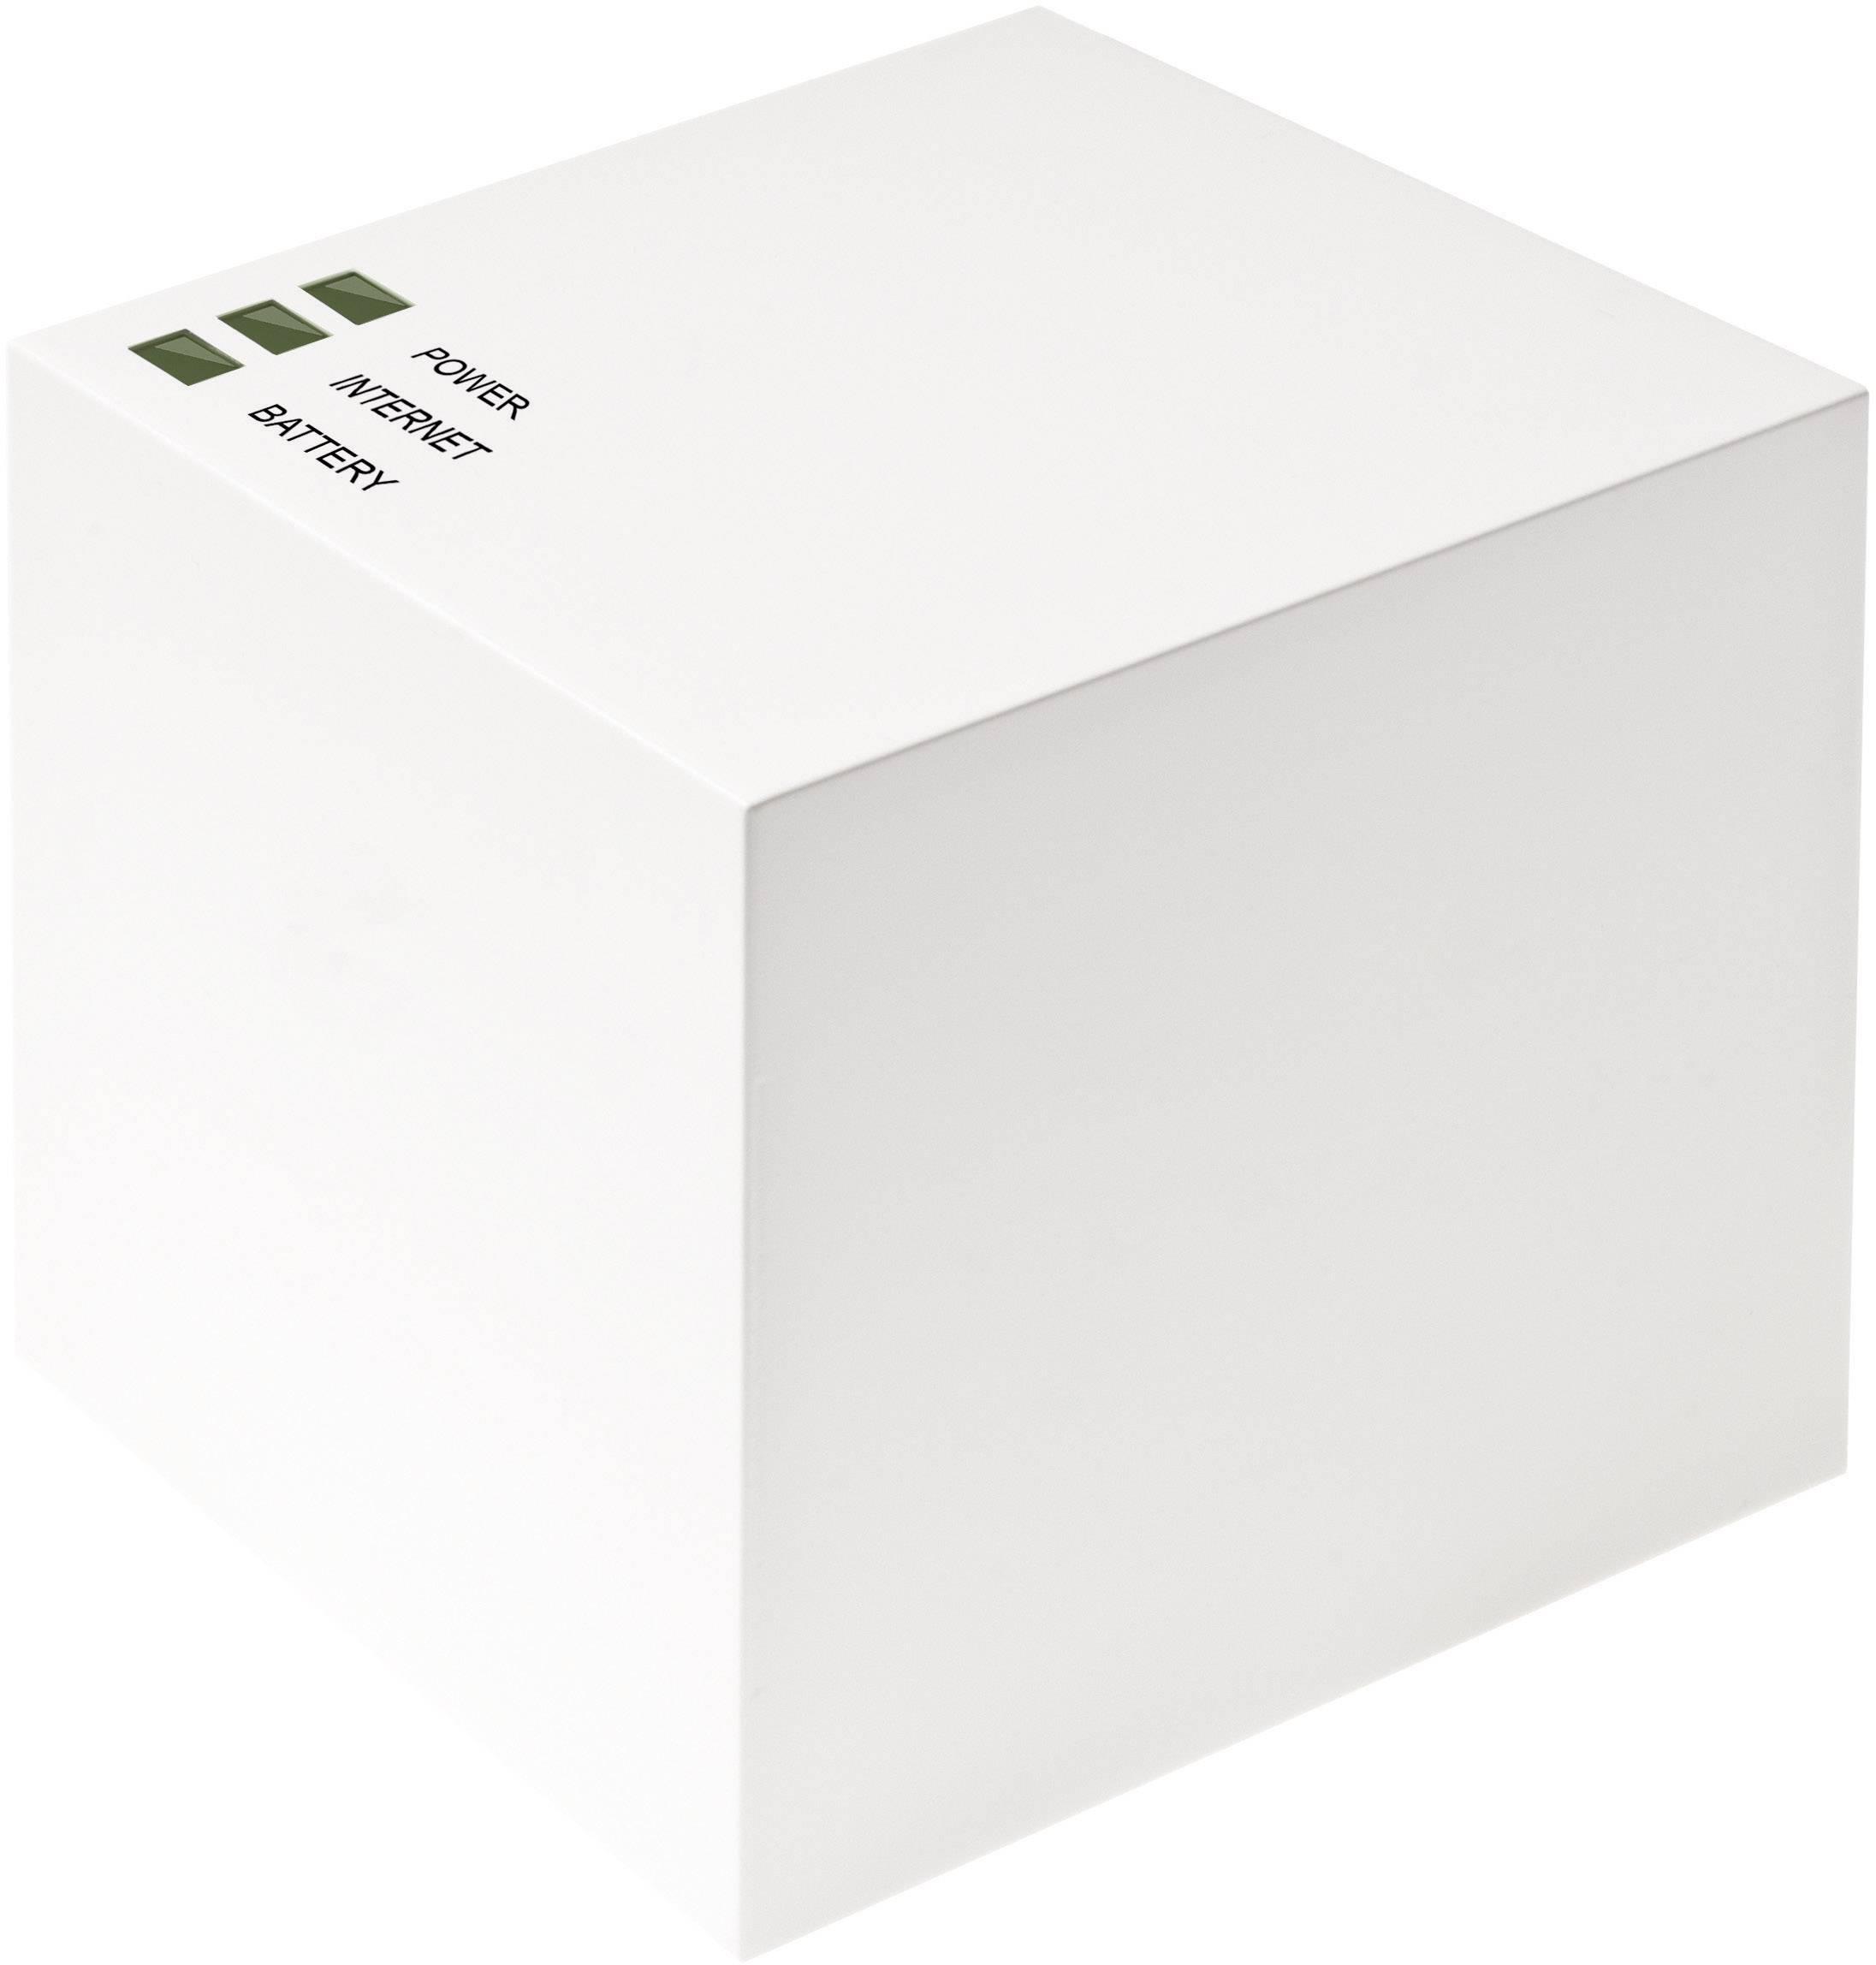 MAX! Cube Cube LAN Gateway